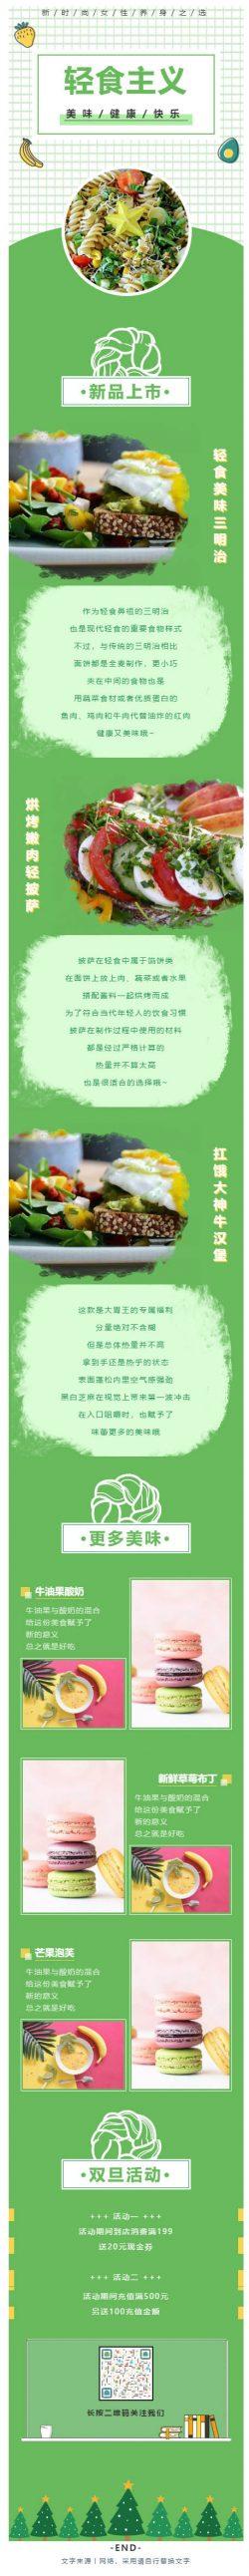 美食节日活动范文微信公众号推文模板优秀推送素材